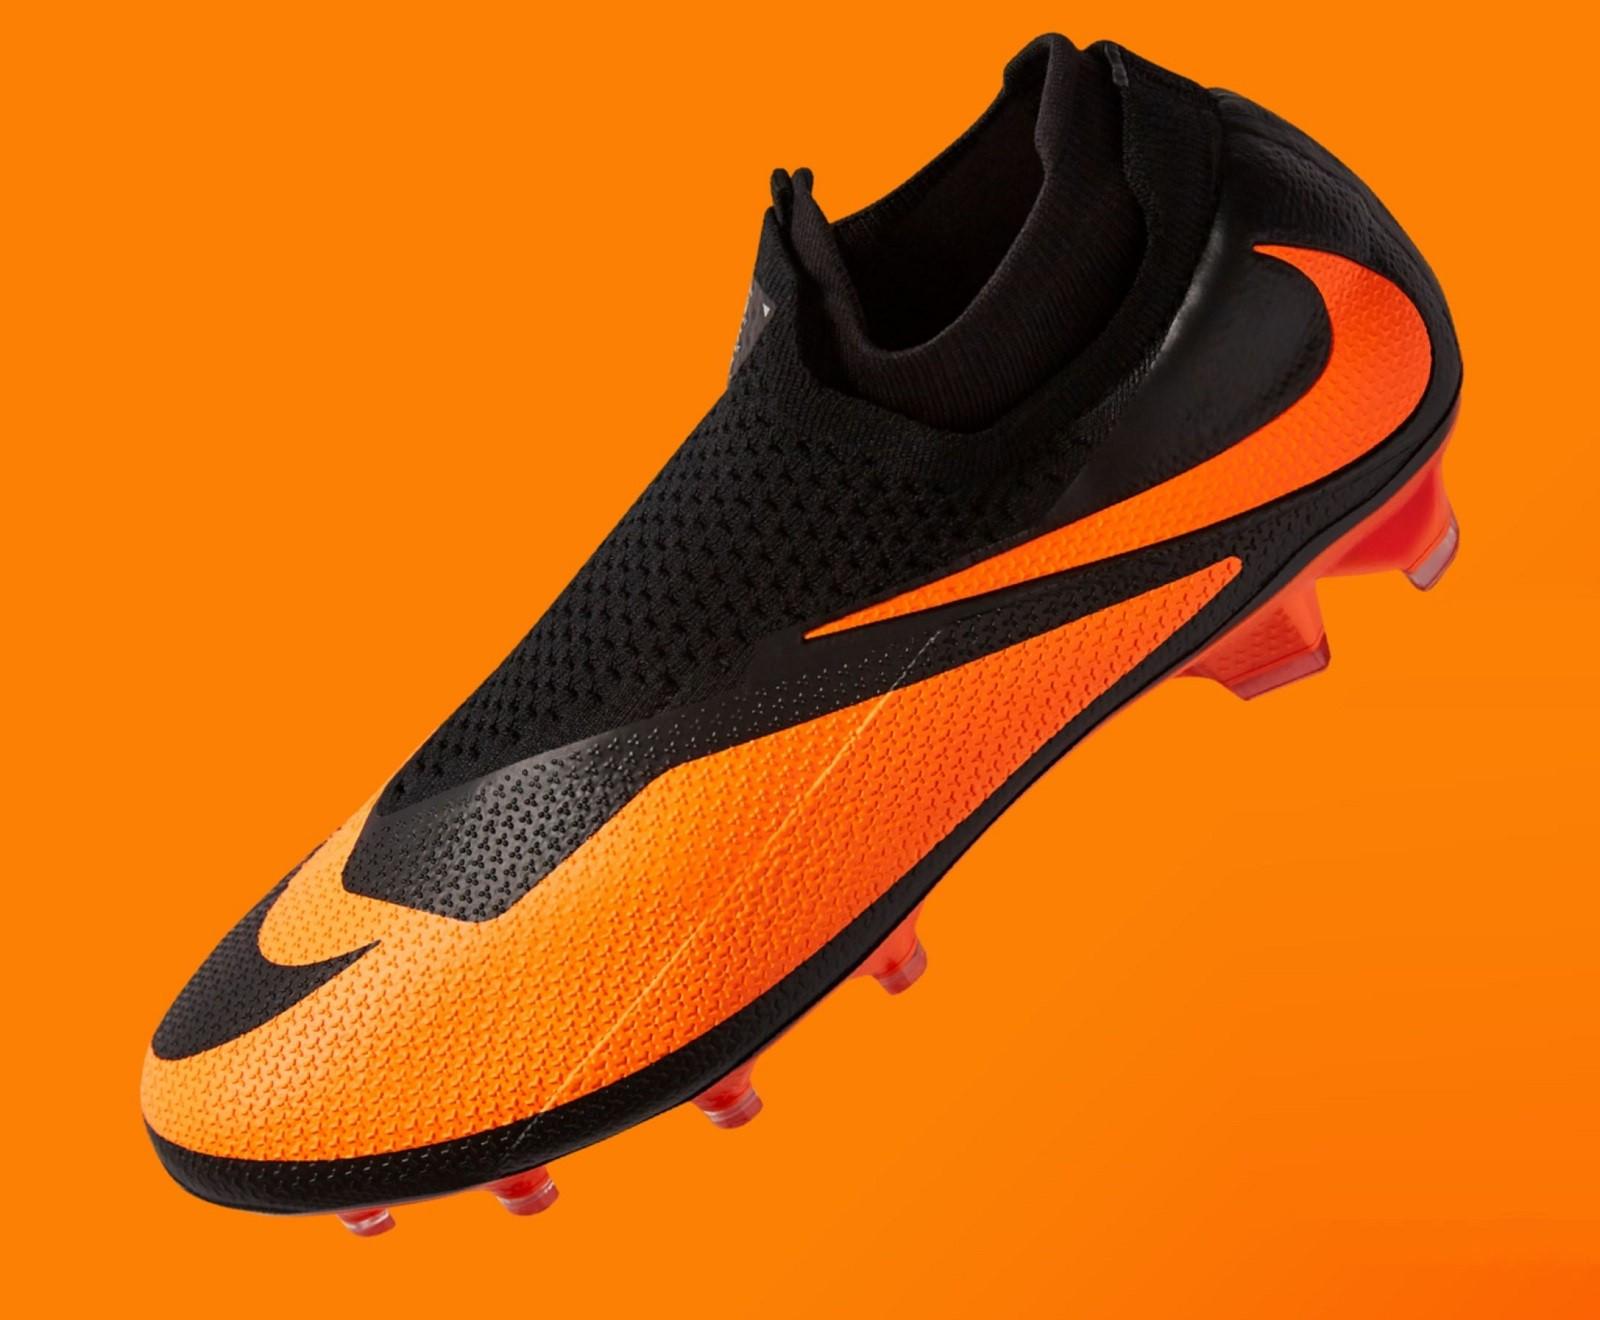 Nike PhantomVSN \